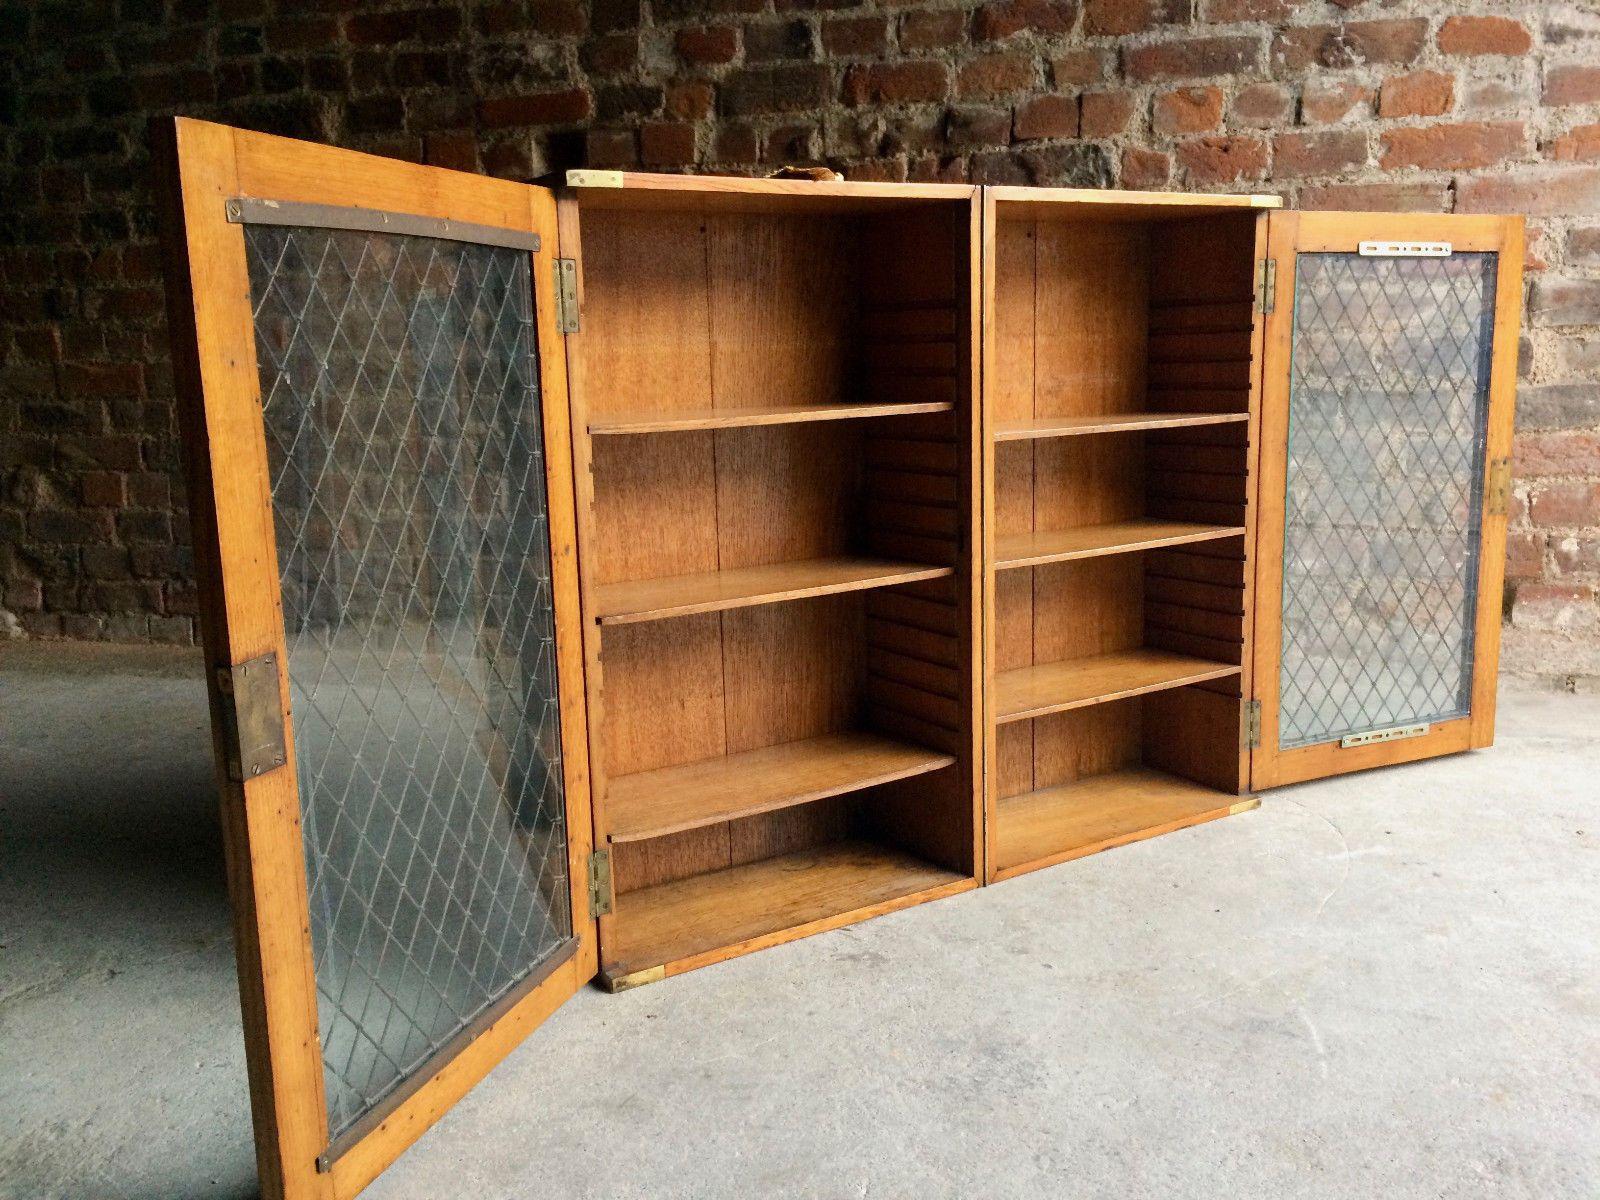 Libreria antica in quercia con ante in vetro in vendita su Pamono